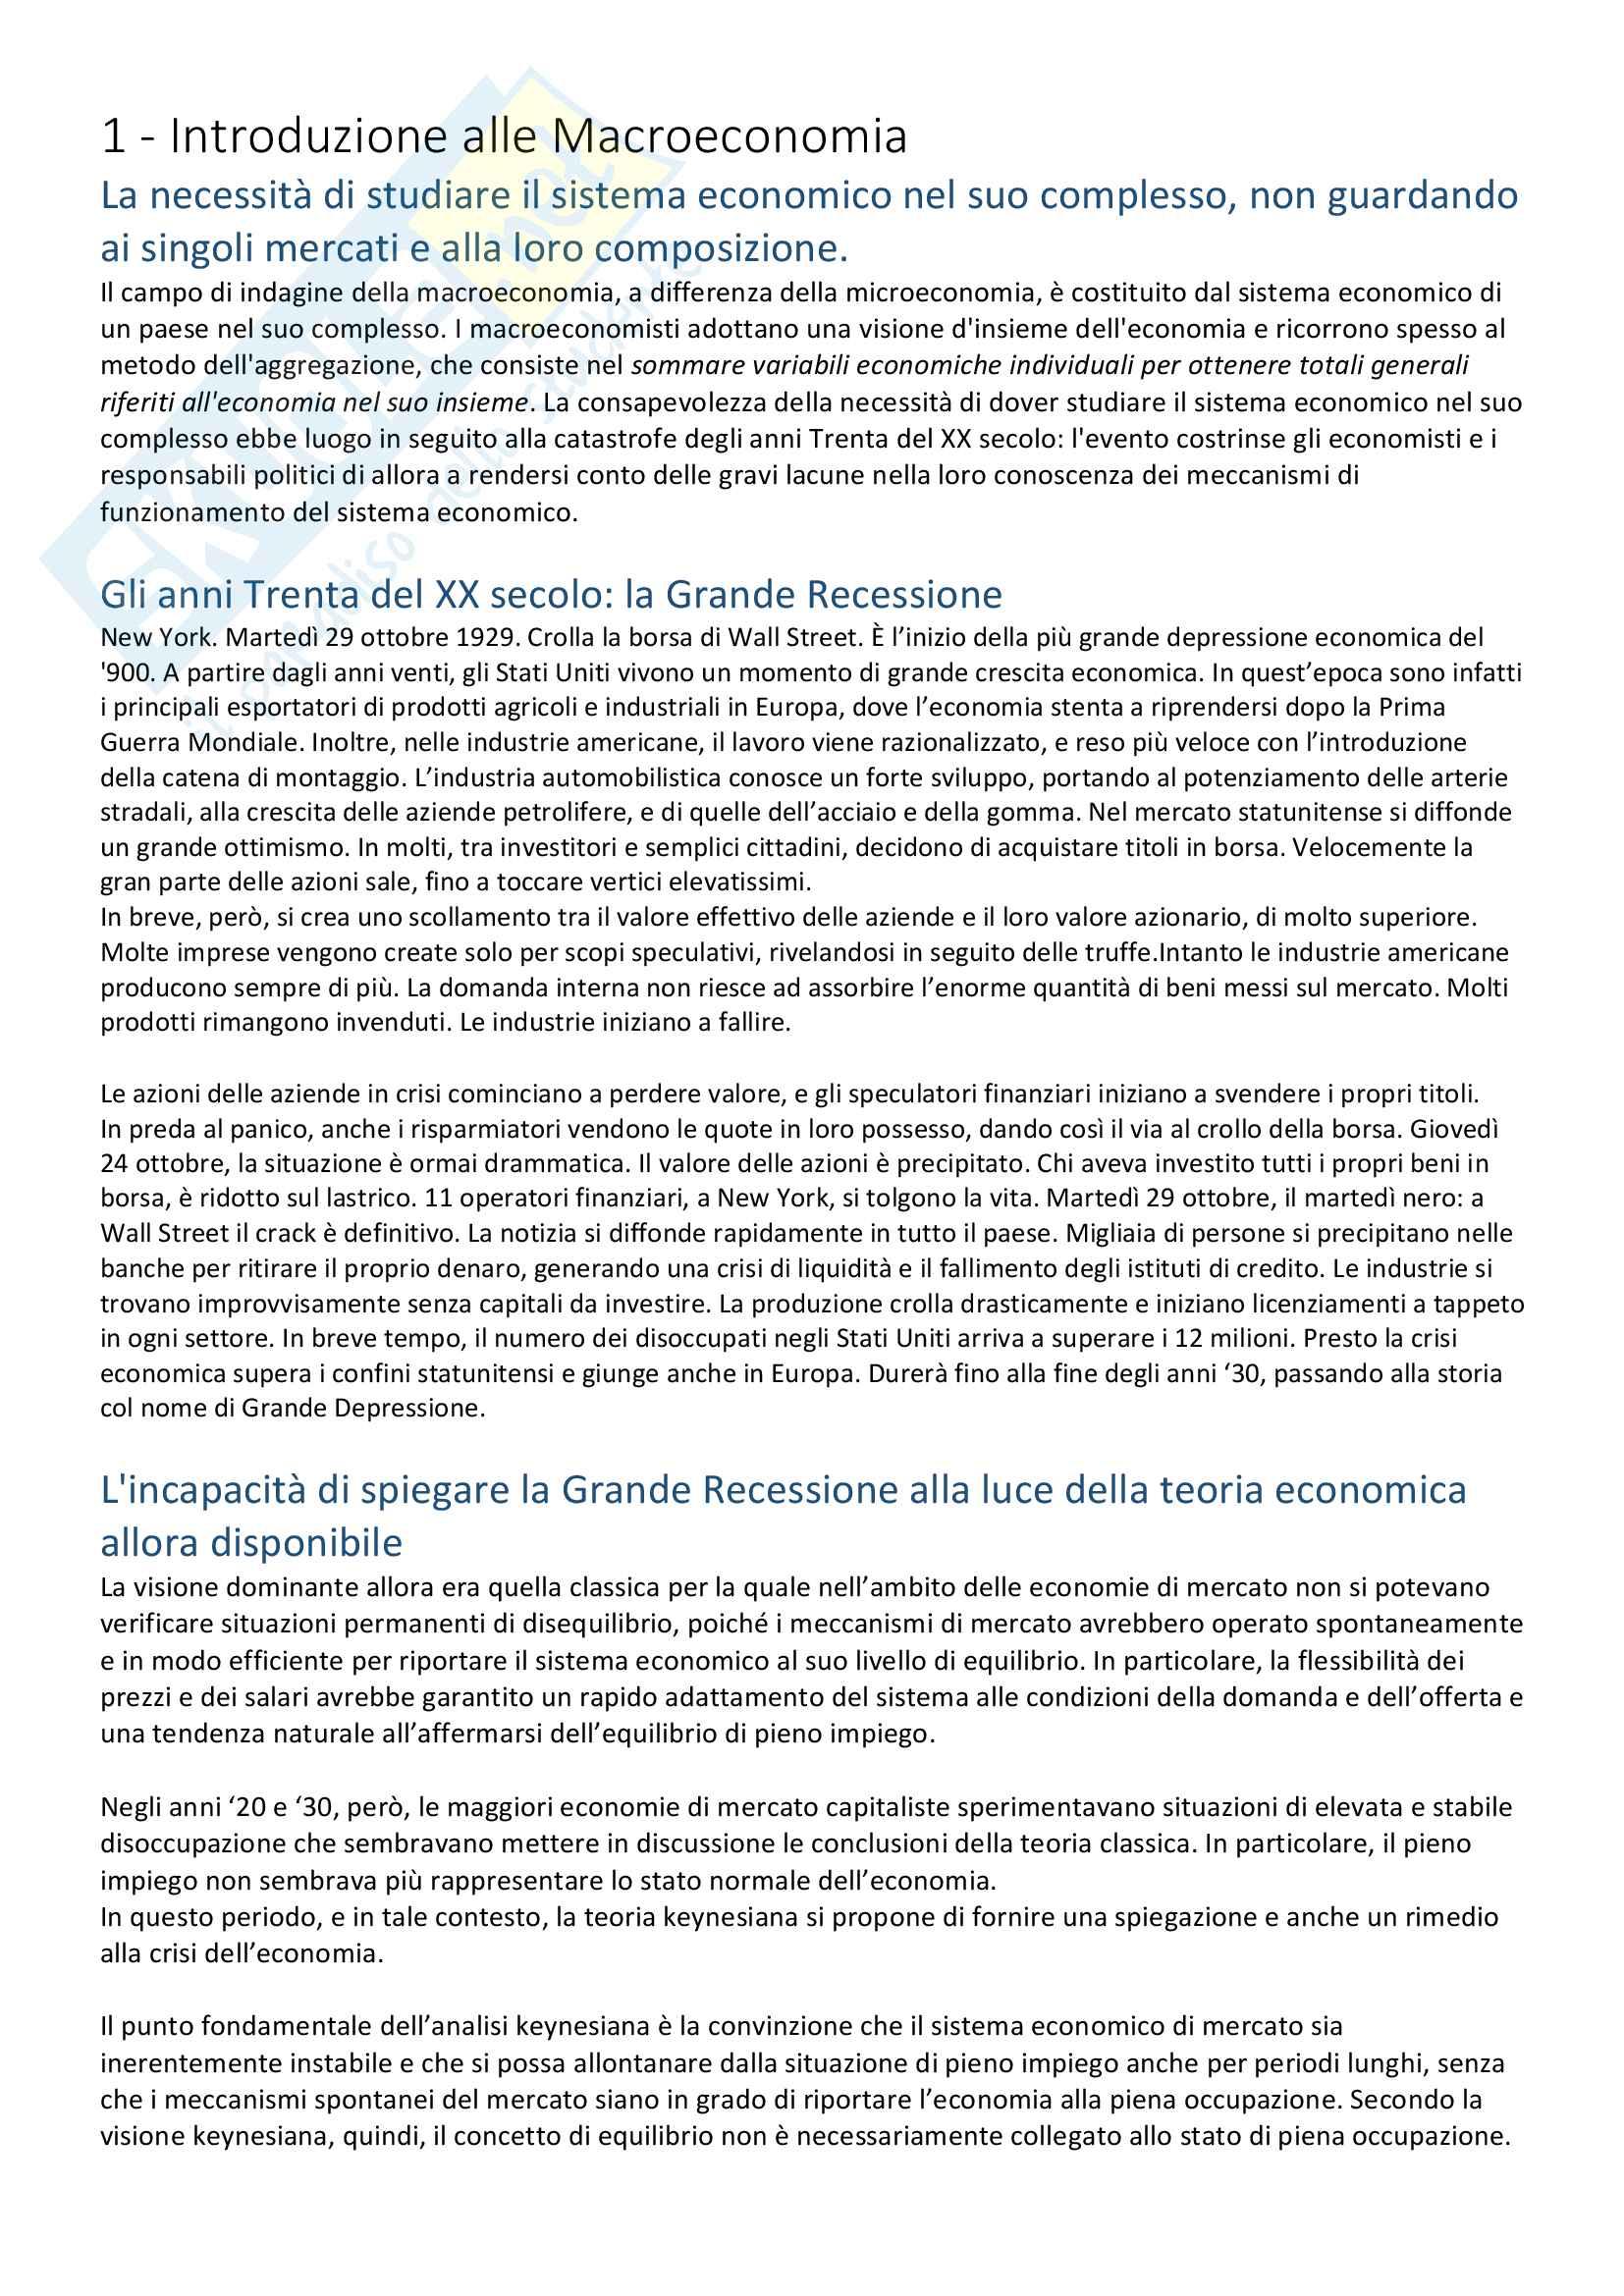 Appunti:Esame di Economia Politica, Macroeconomia, M. Grillo